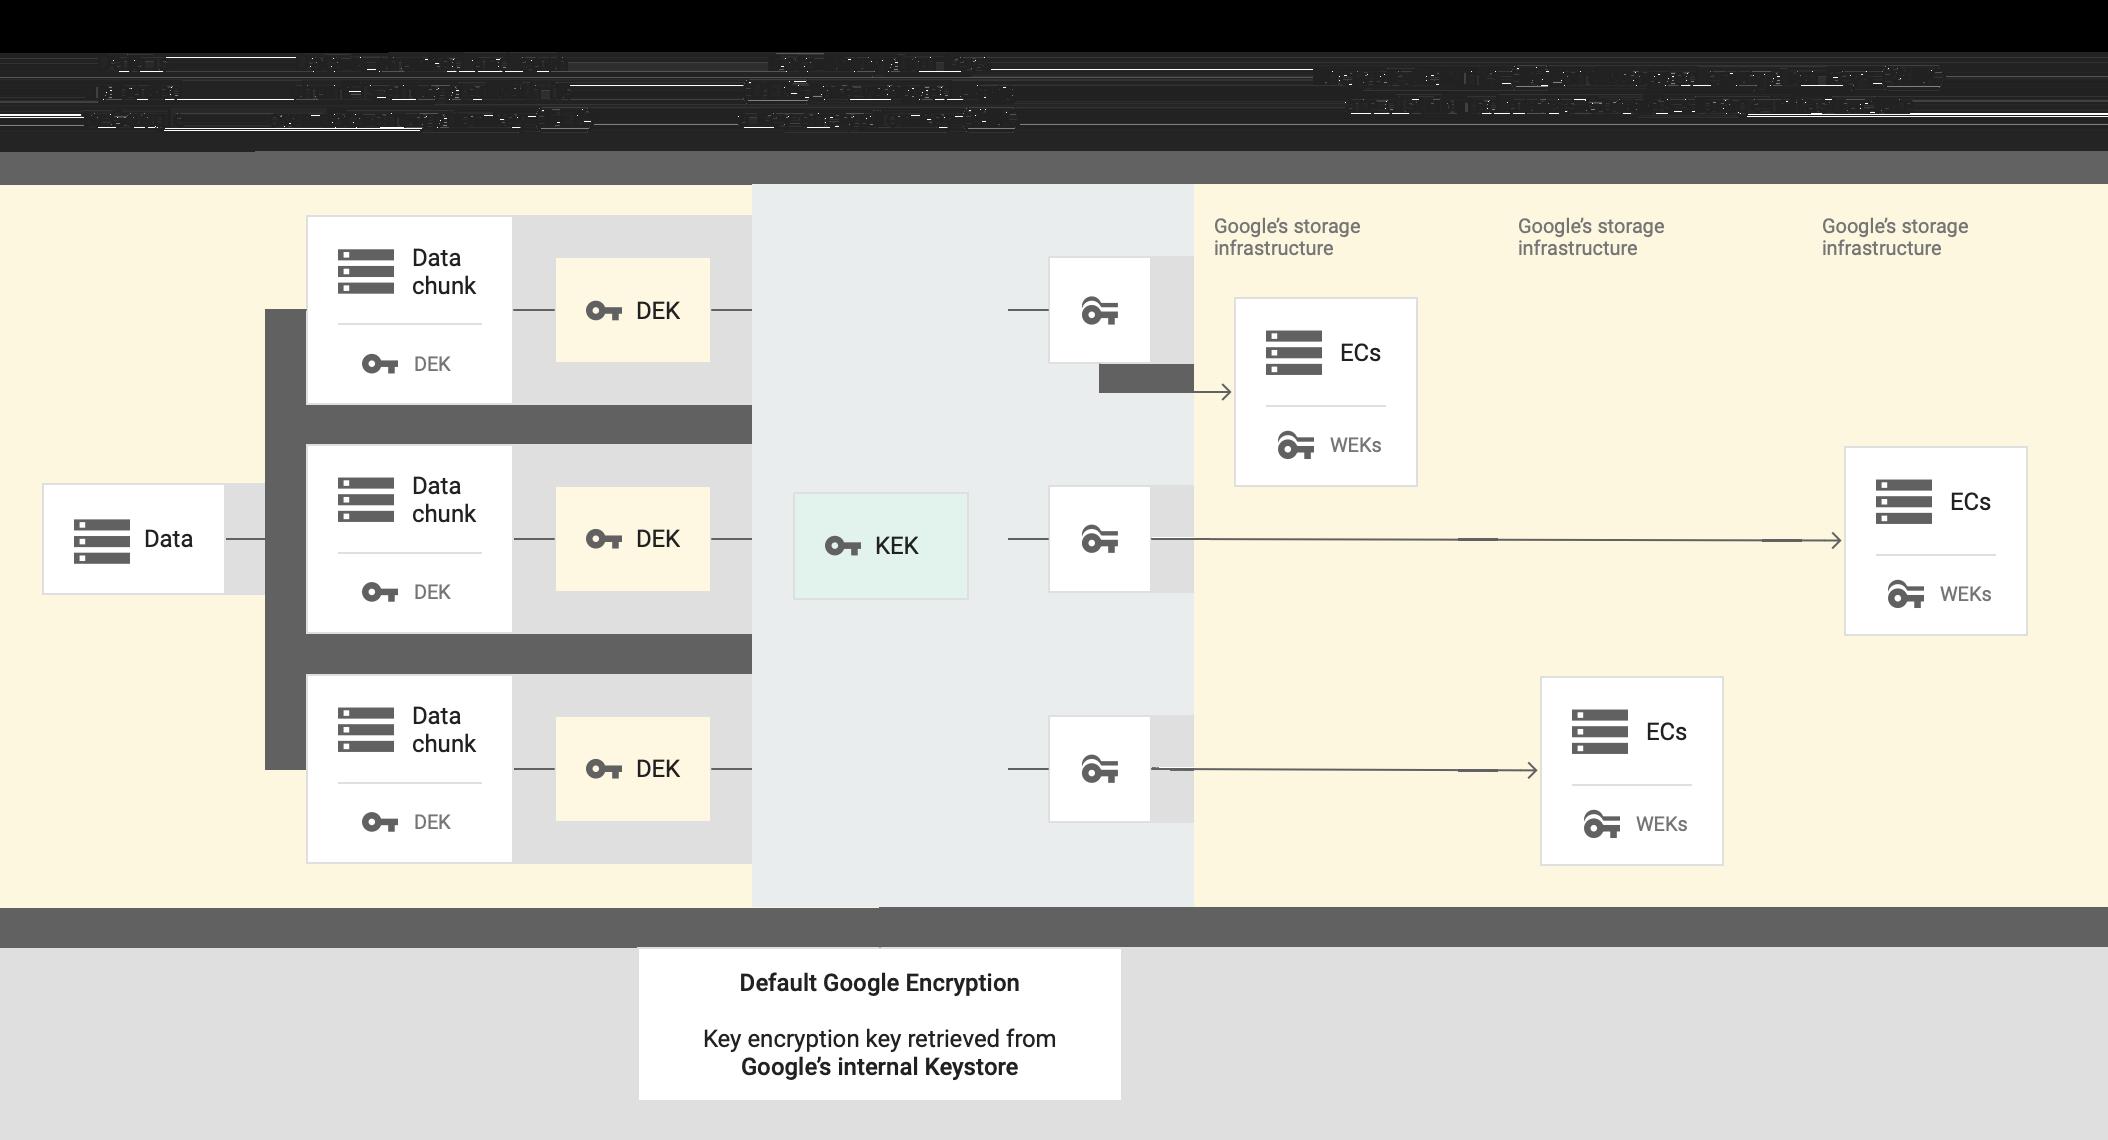 データは Google にアップロードされた後にチャンク化されます。各チャンクは独自のデータ暗号鍵で暗号化されます。データ暗号鍵は、鍵暗号鍵を使用してラップされます。デフォルトの Google 暗号化では、鍵暗号鍵は Google の内部キーストアから取得されます。暗号化されたチャンクとラップされた暗号鍵は、Google のストレージ インフラストラクチャ全体に分散されます。